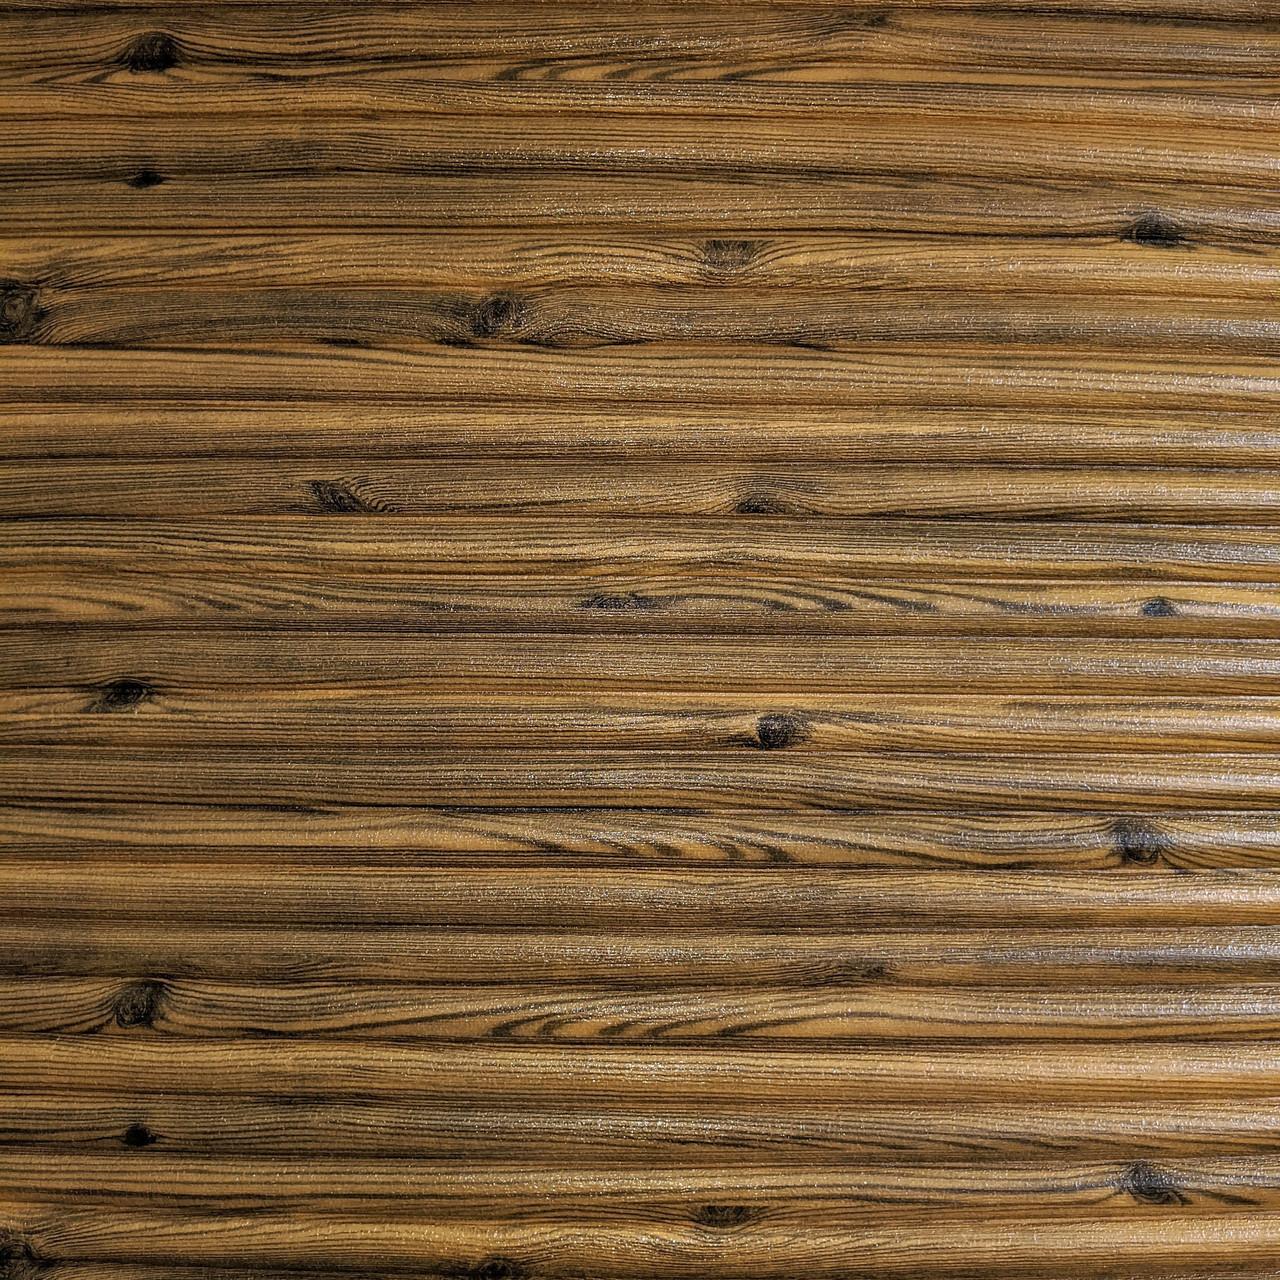 Самоклеющаяся декоративная 3D панель бамбук дерево 700x700x8.5мм